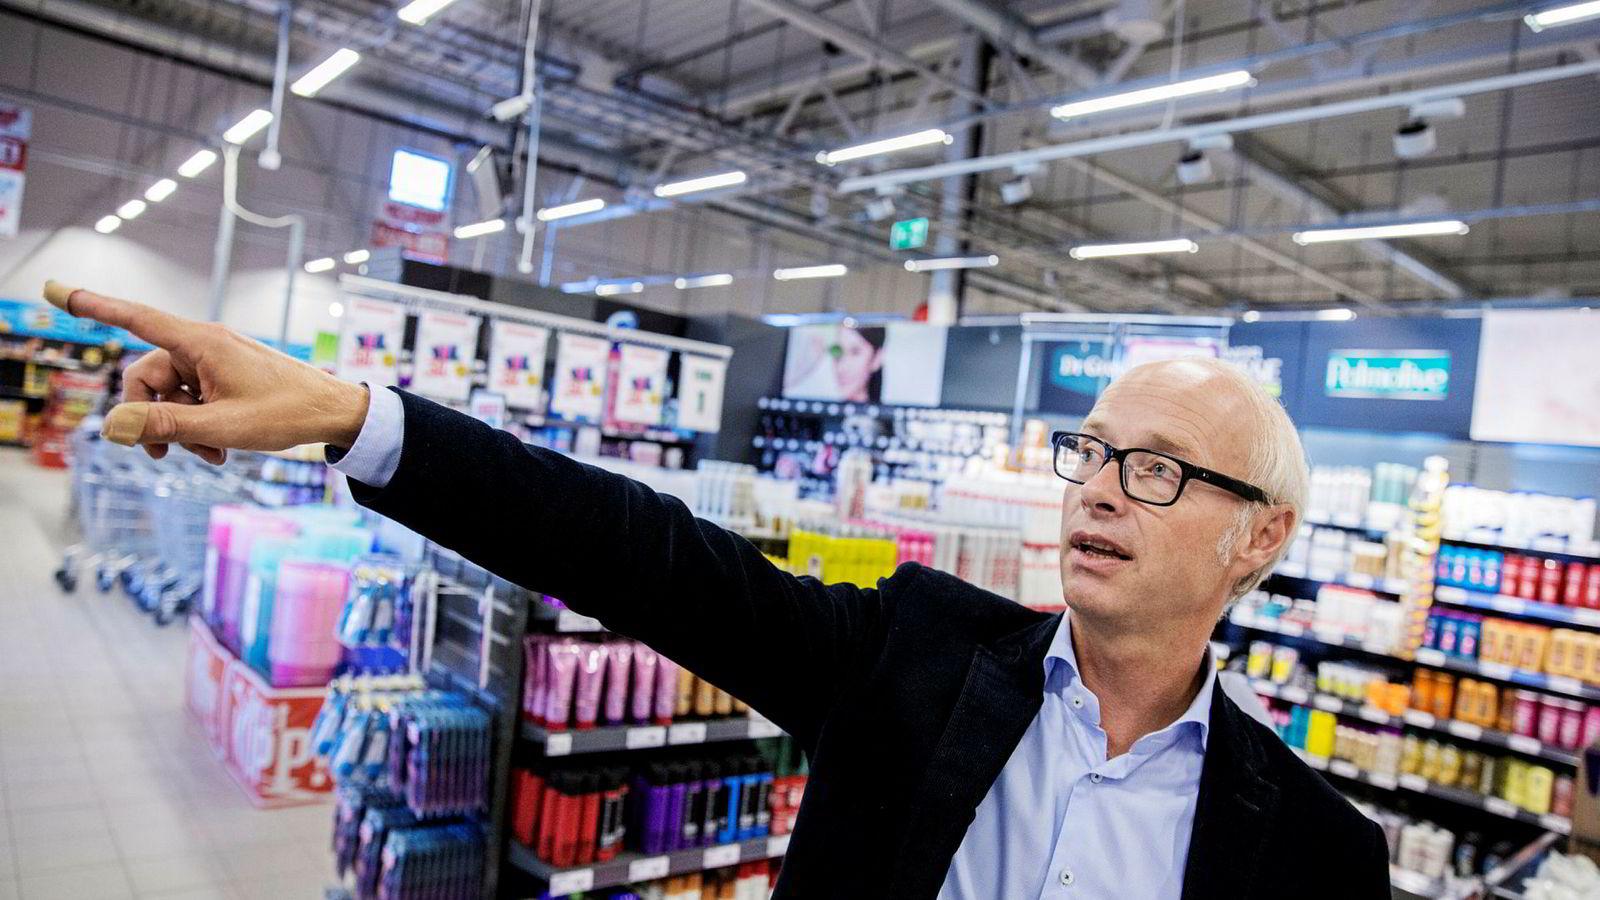 Europris-sjef Pål Wibe har tilbakelagt en større opprydning og standardisering i utformingen av butikkene. Så langt i år er den sammenlignbare veksten på 0,6 prosent og markedet reagerte negativt på resultatet etter andre kvartal.